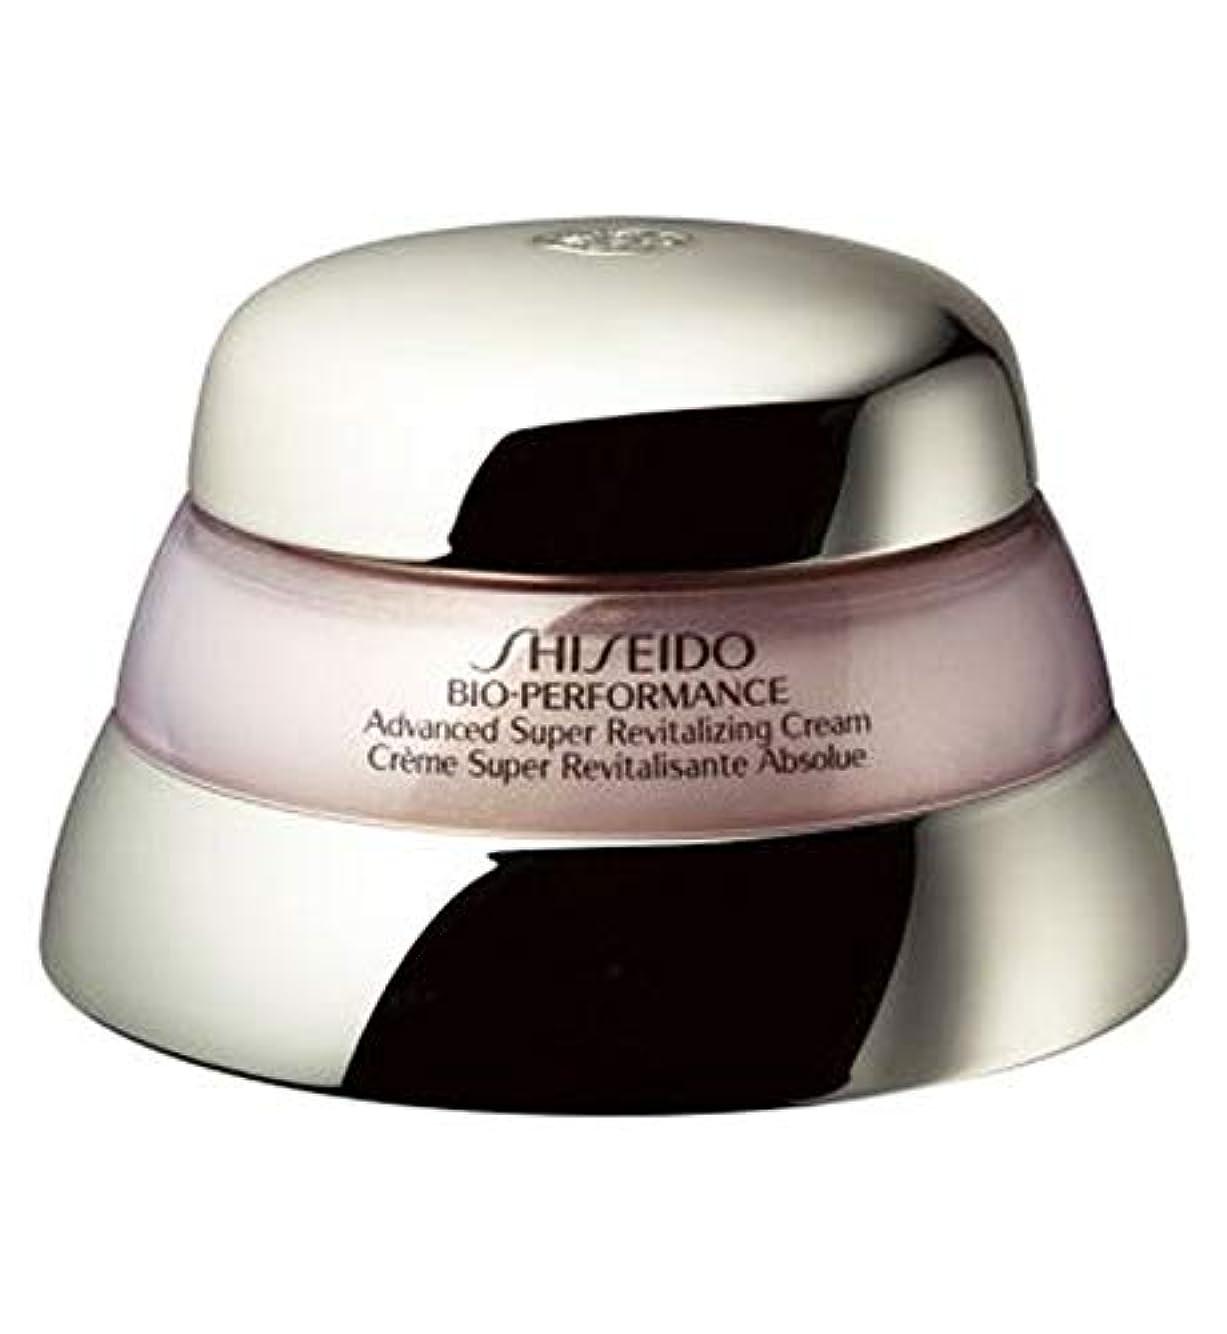 添加ブロッサム卑しい[Shiseido] 資生堂バイオ - パフォーマンスがスーパーリバイタライジングクリーム50Mlを進めました - Shiseido Bio - Performance Advanced Super Revitalizing Cream 50ml [並行輸入品]